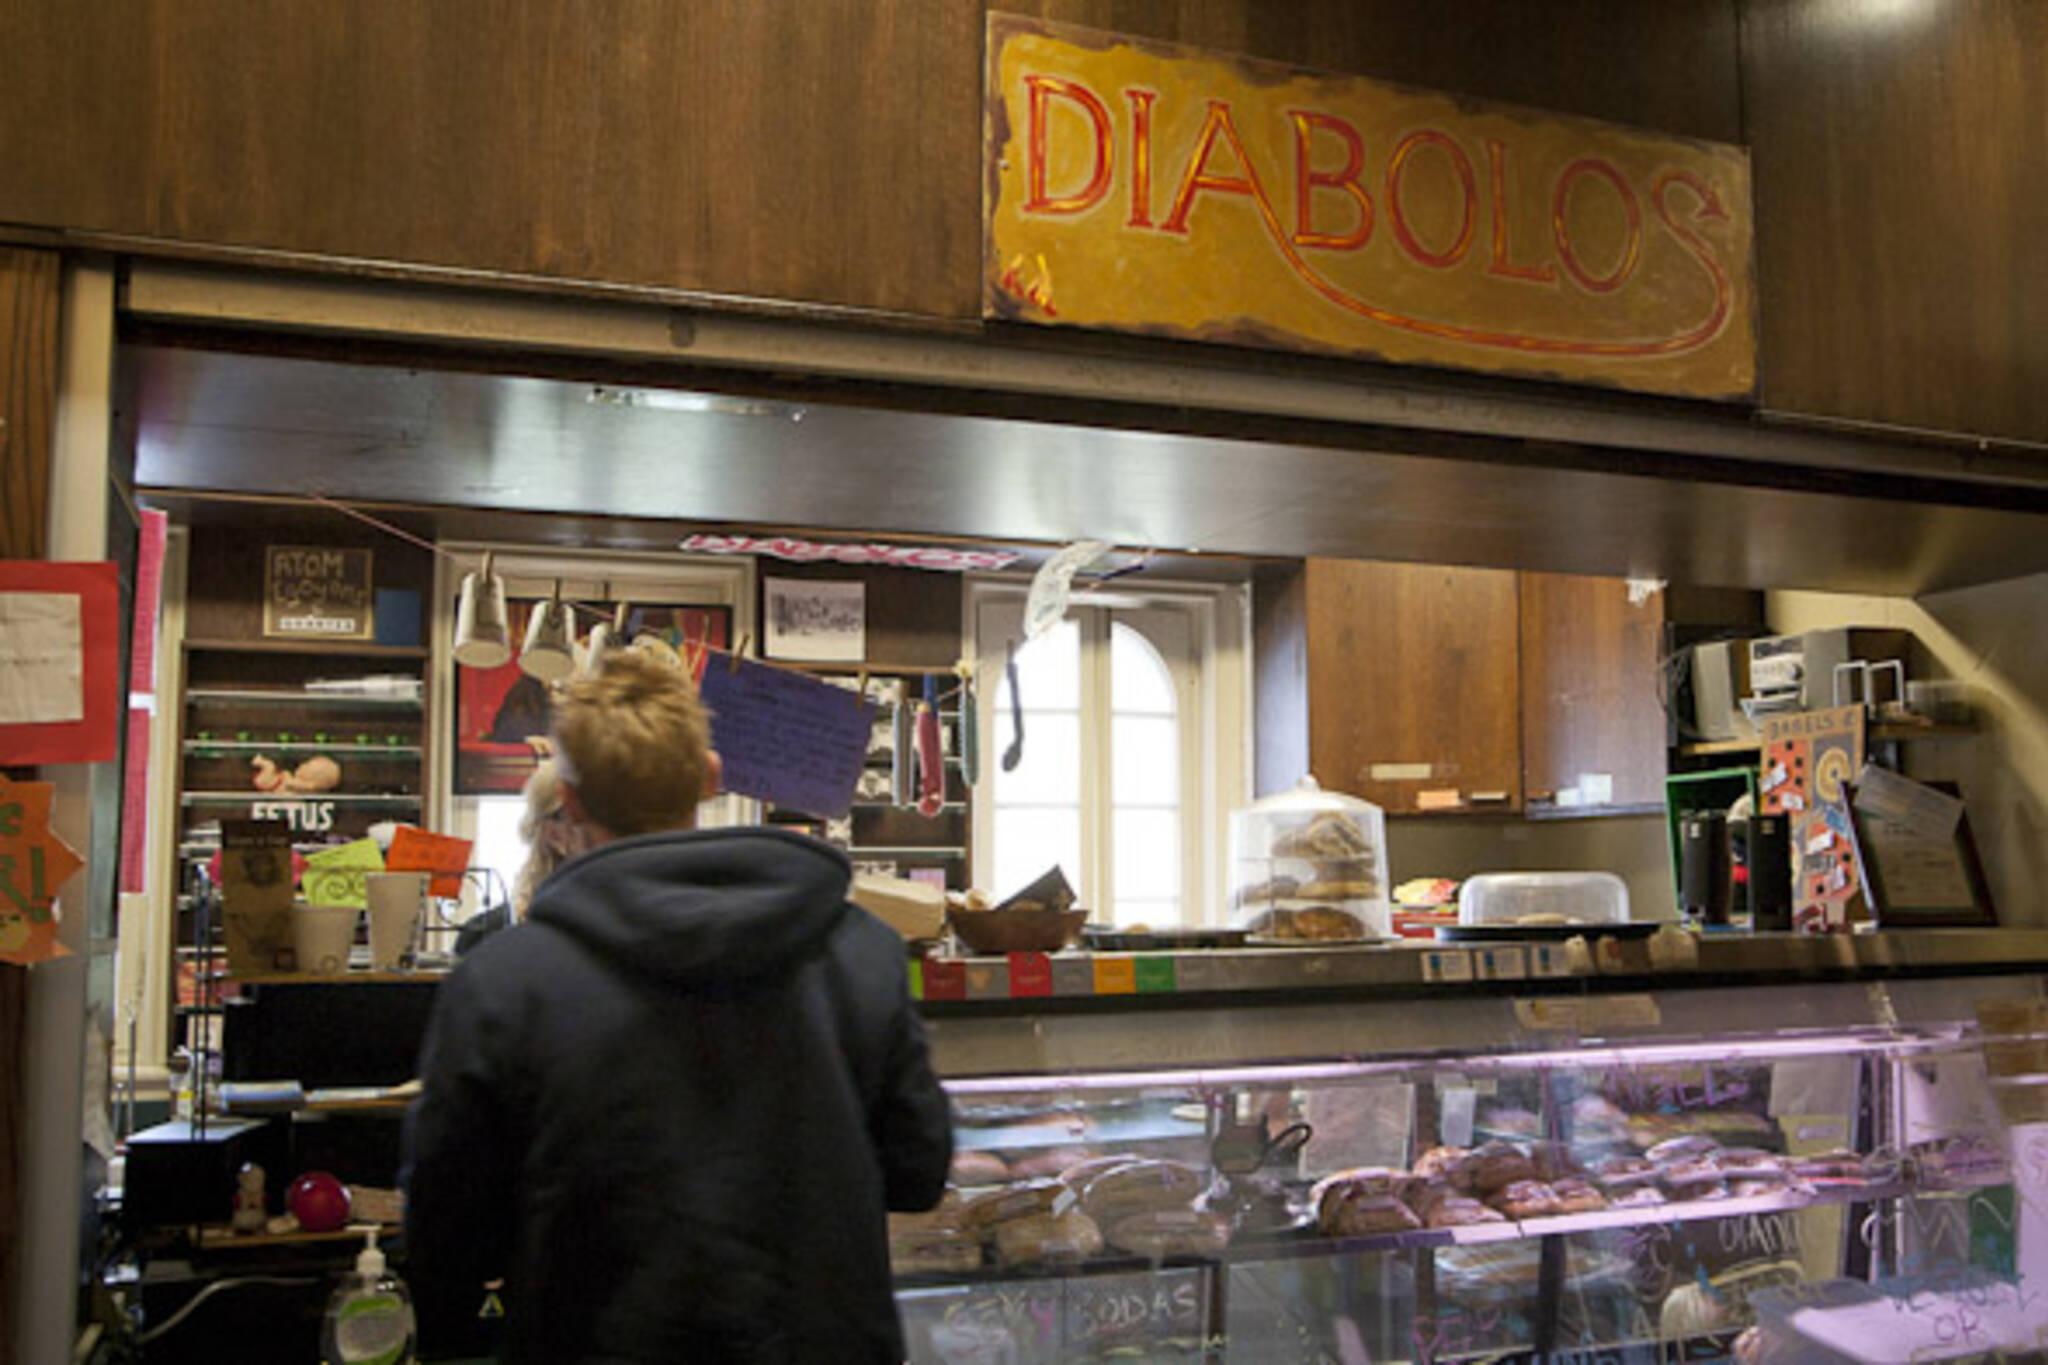 Diabolos' Cafe